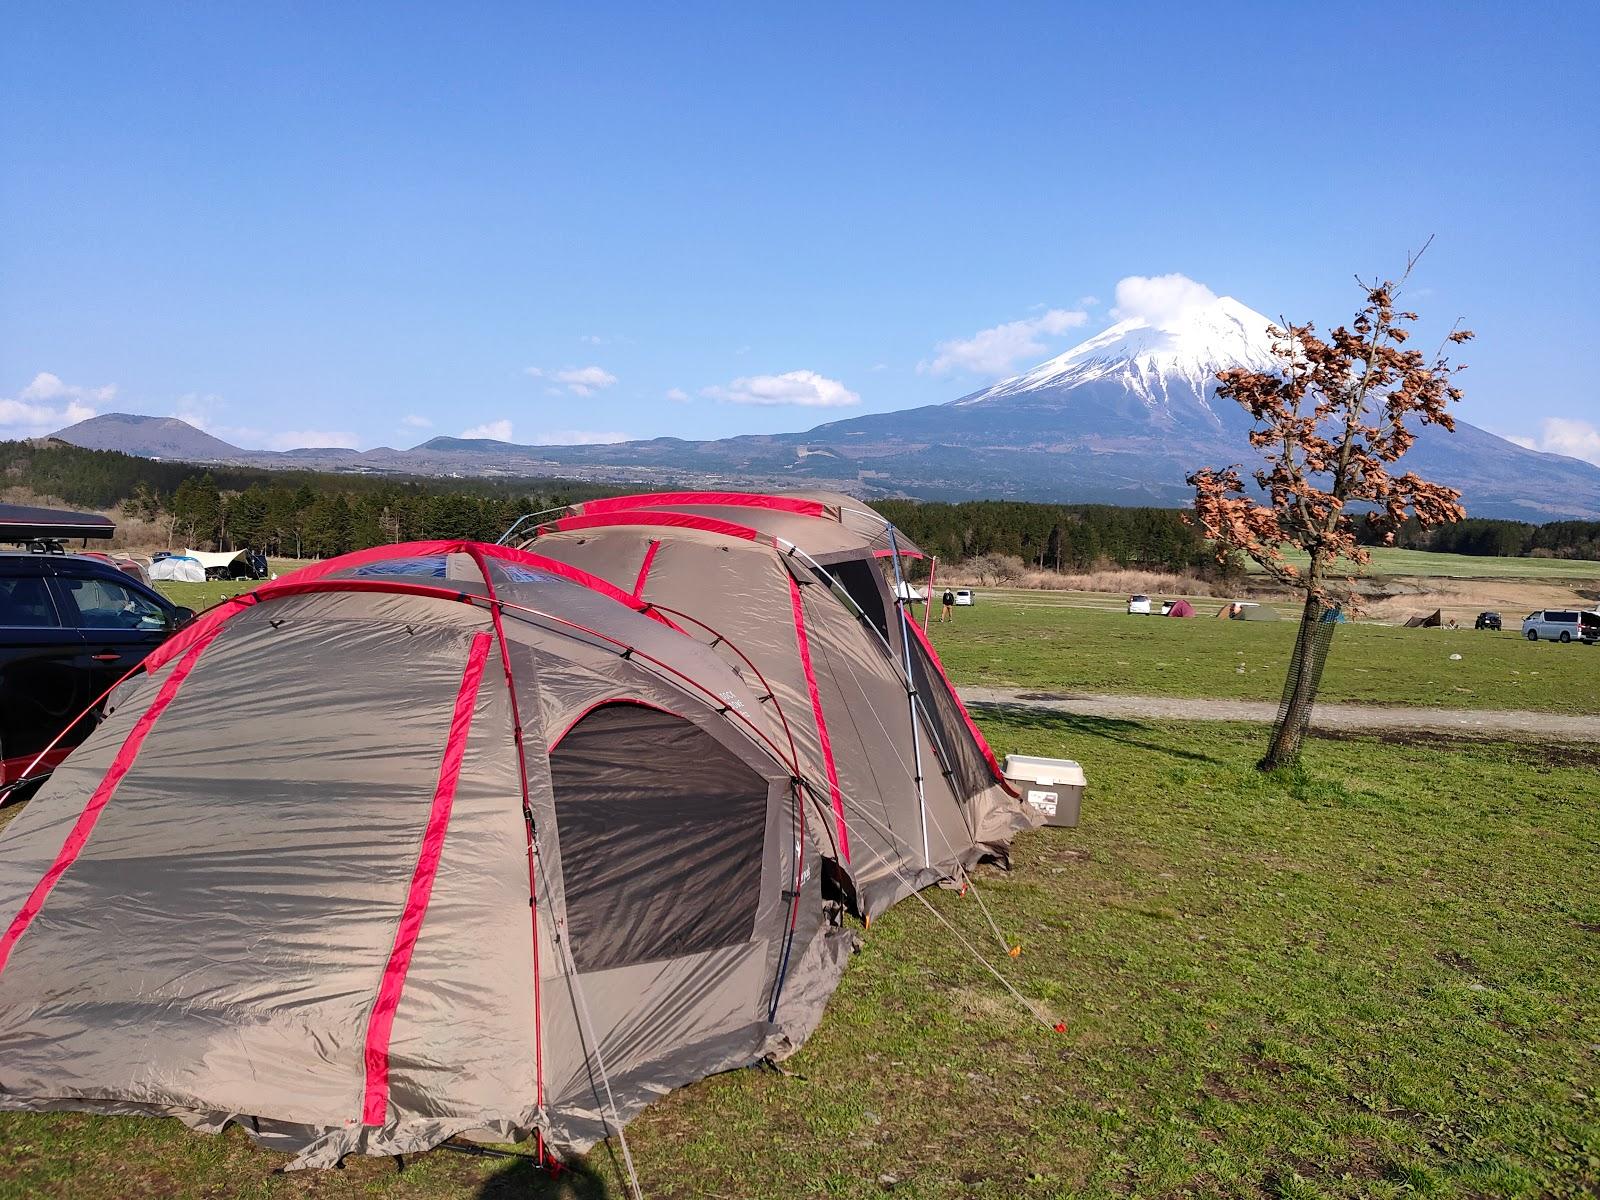 っ キャンプ 天気 ぱら ふもと 場